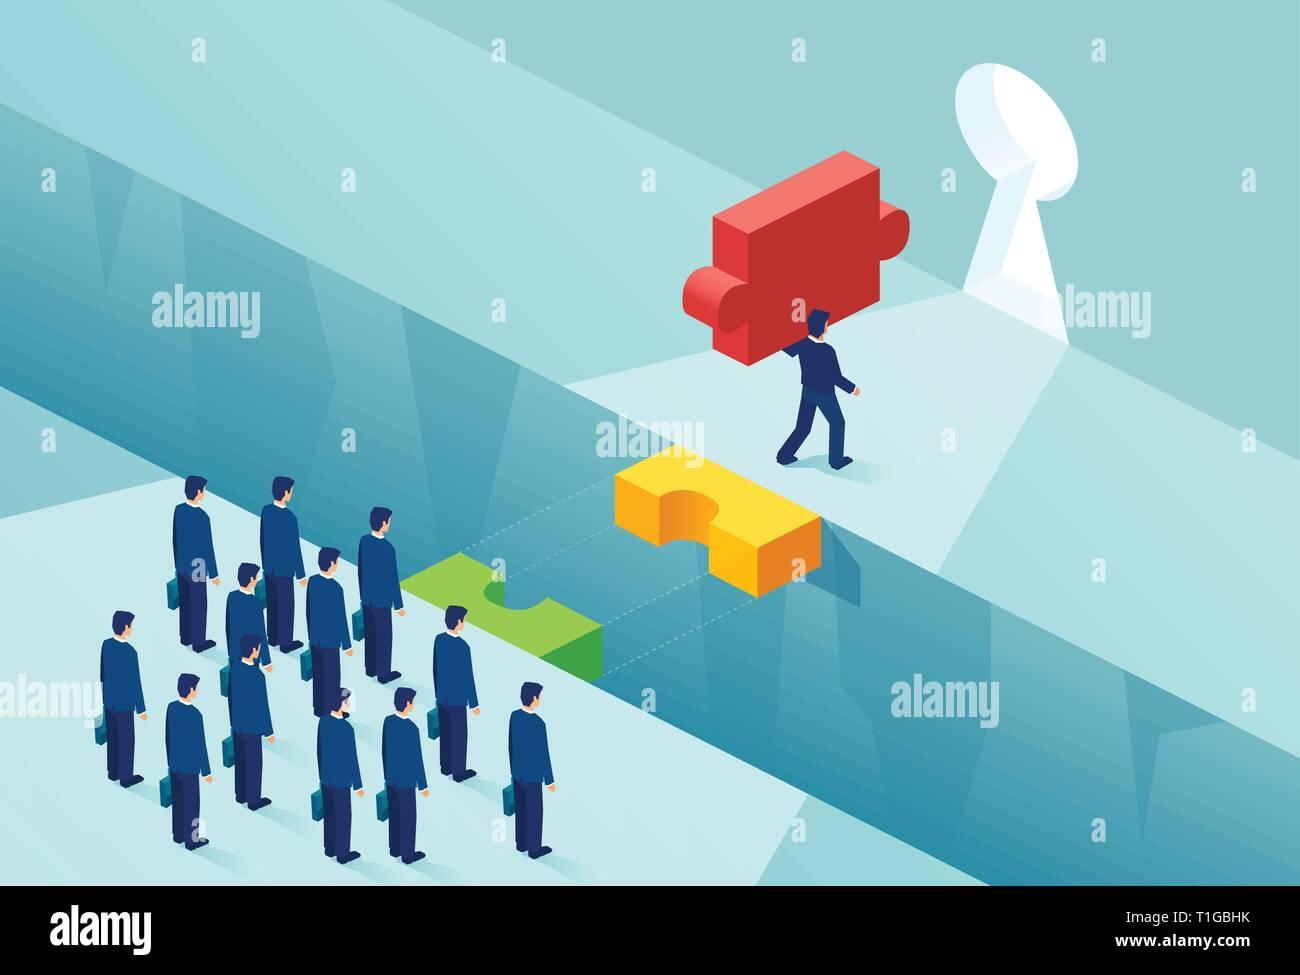 La titularidad de la patente y el concepto de la ventaja competitiva. Vector de un empresario con una pieza del puzzle clave creando obstáculos para sus rivales Ilustración del Vector